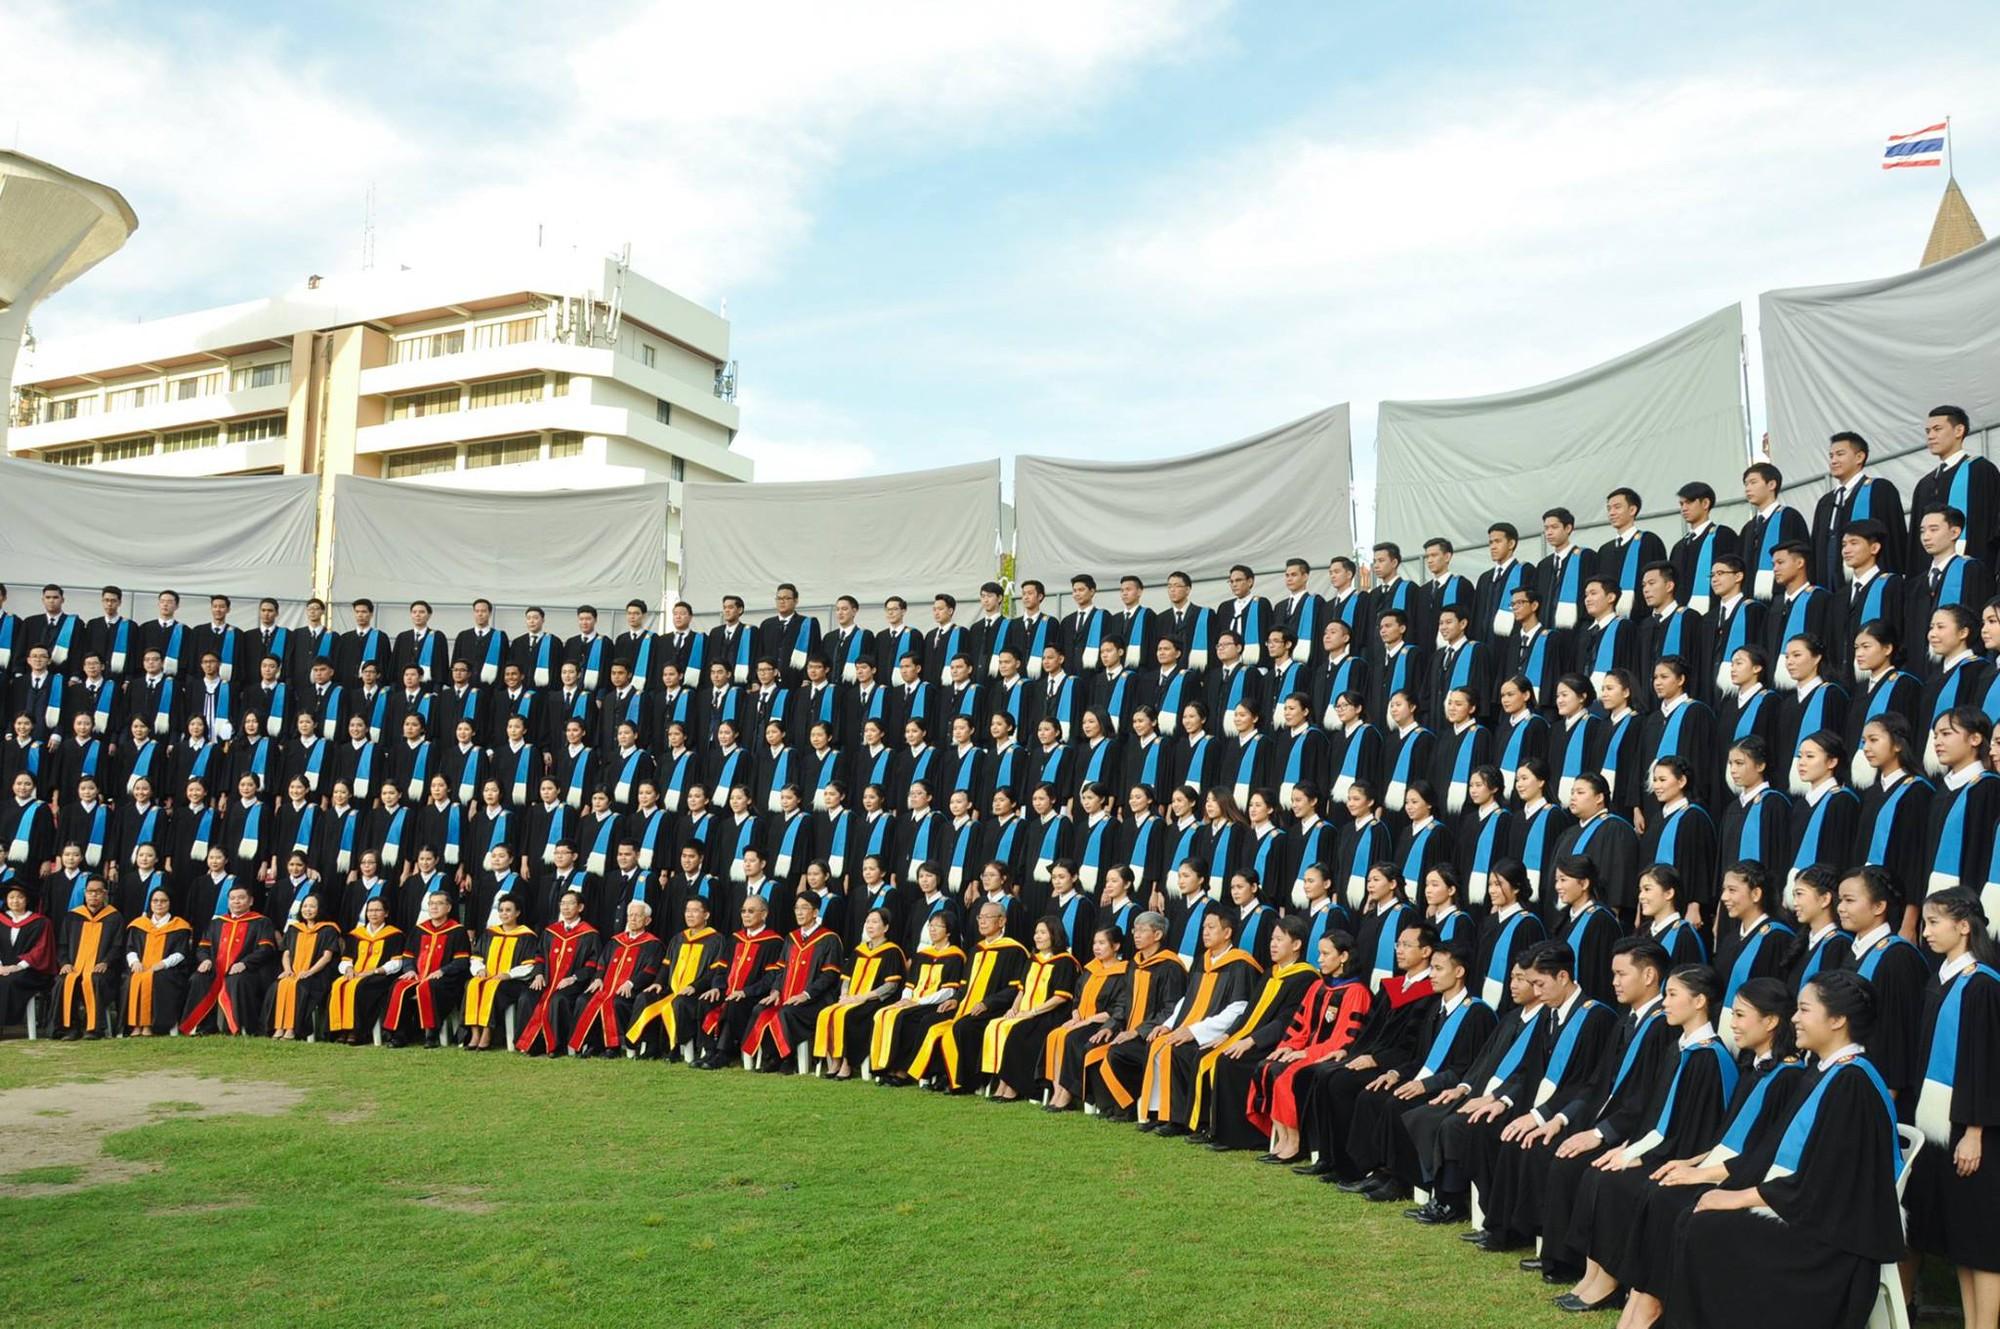 Profile khủng của tội đồ khiến Thái Lan trượt vé chung kết AFF CUP: Cử nhân ngành Y trường ĐH tốt bậc nhất xứ chùa vàng - Ảnh 4.